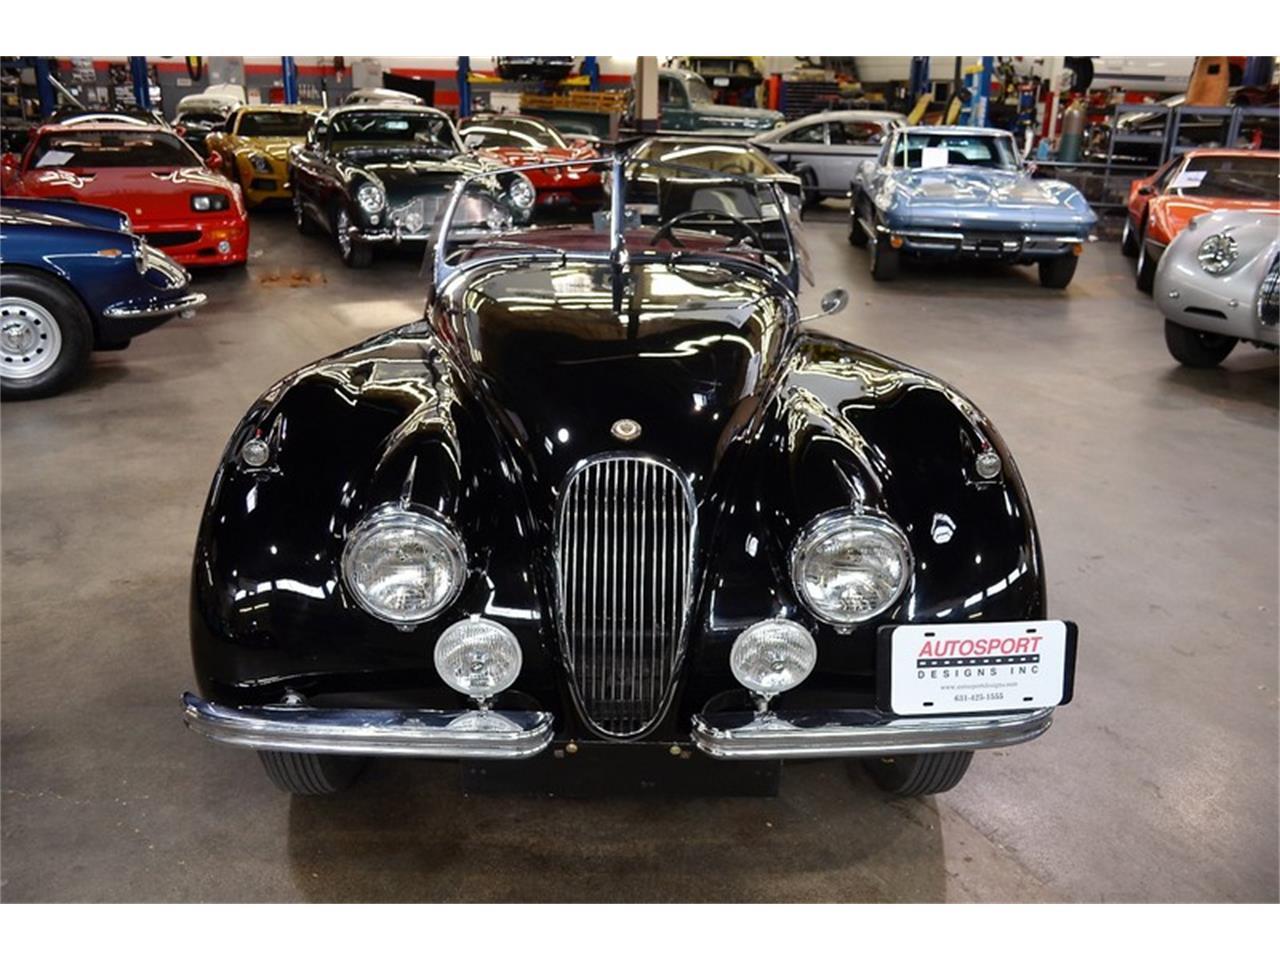 1954 Jaguar Xk120 For Sale Cc 1071922 Wiring Diagram Large Picture Of Auction Vehicle Mz3m